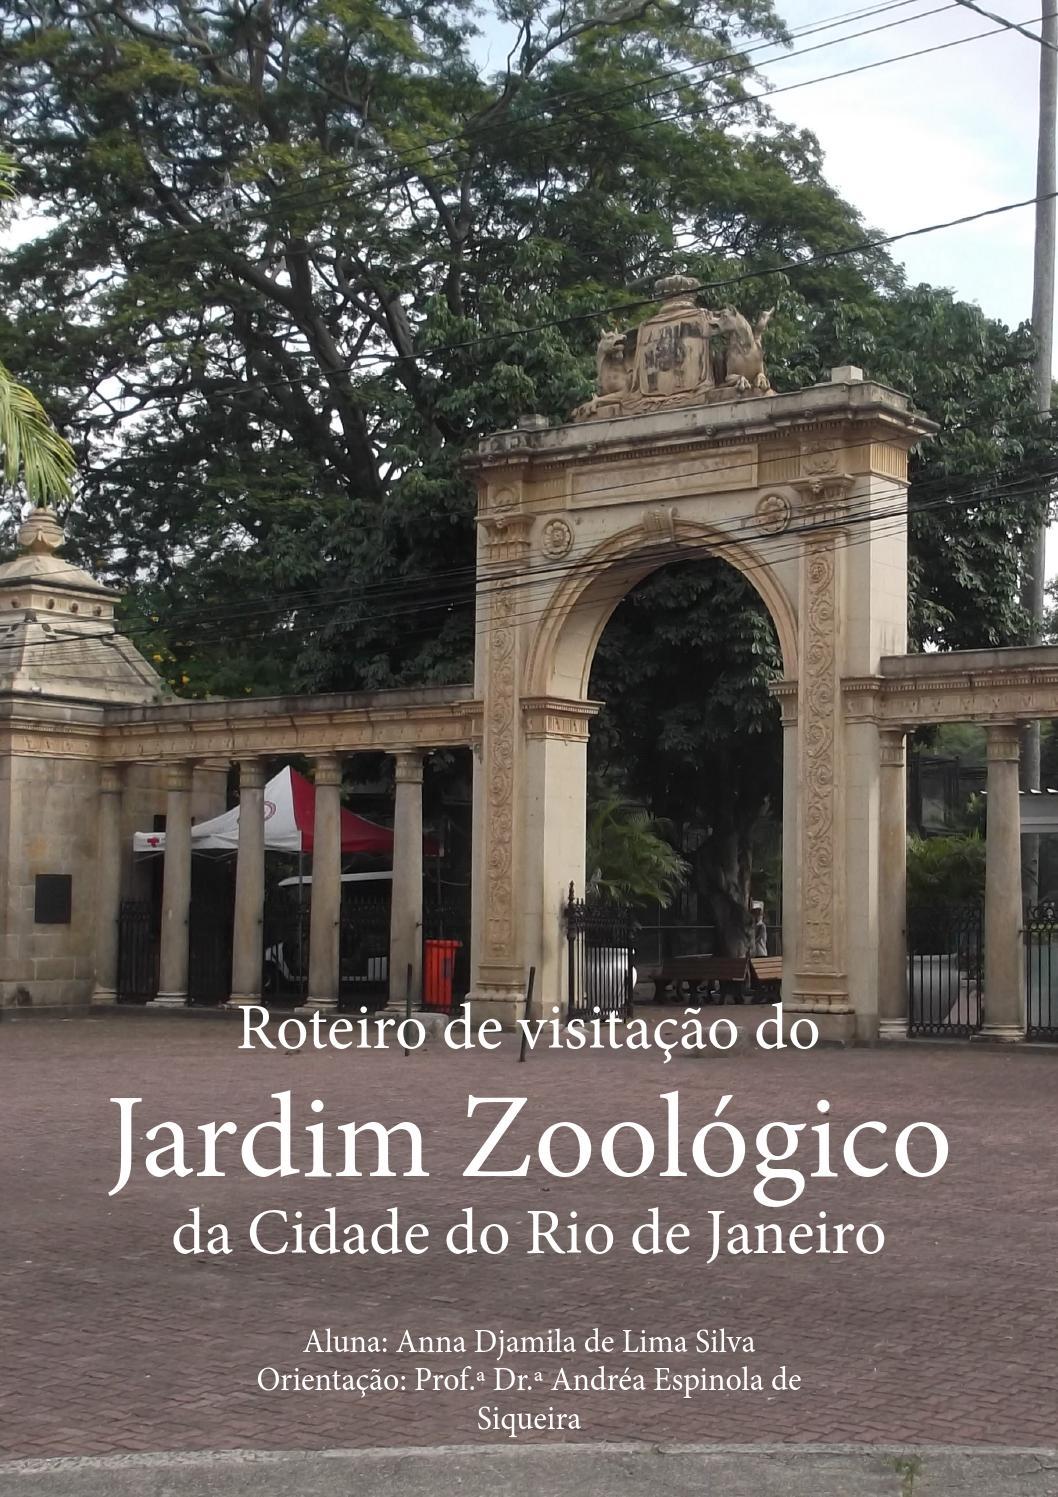 Roteiro de visitação ao Jardim Zoológico da cidade do Rio